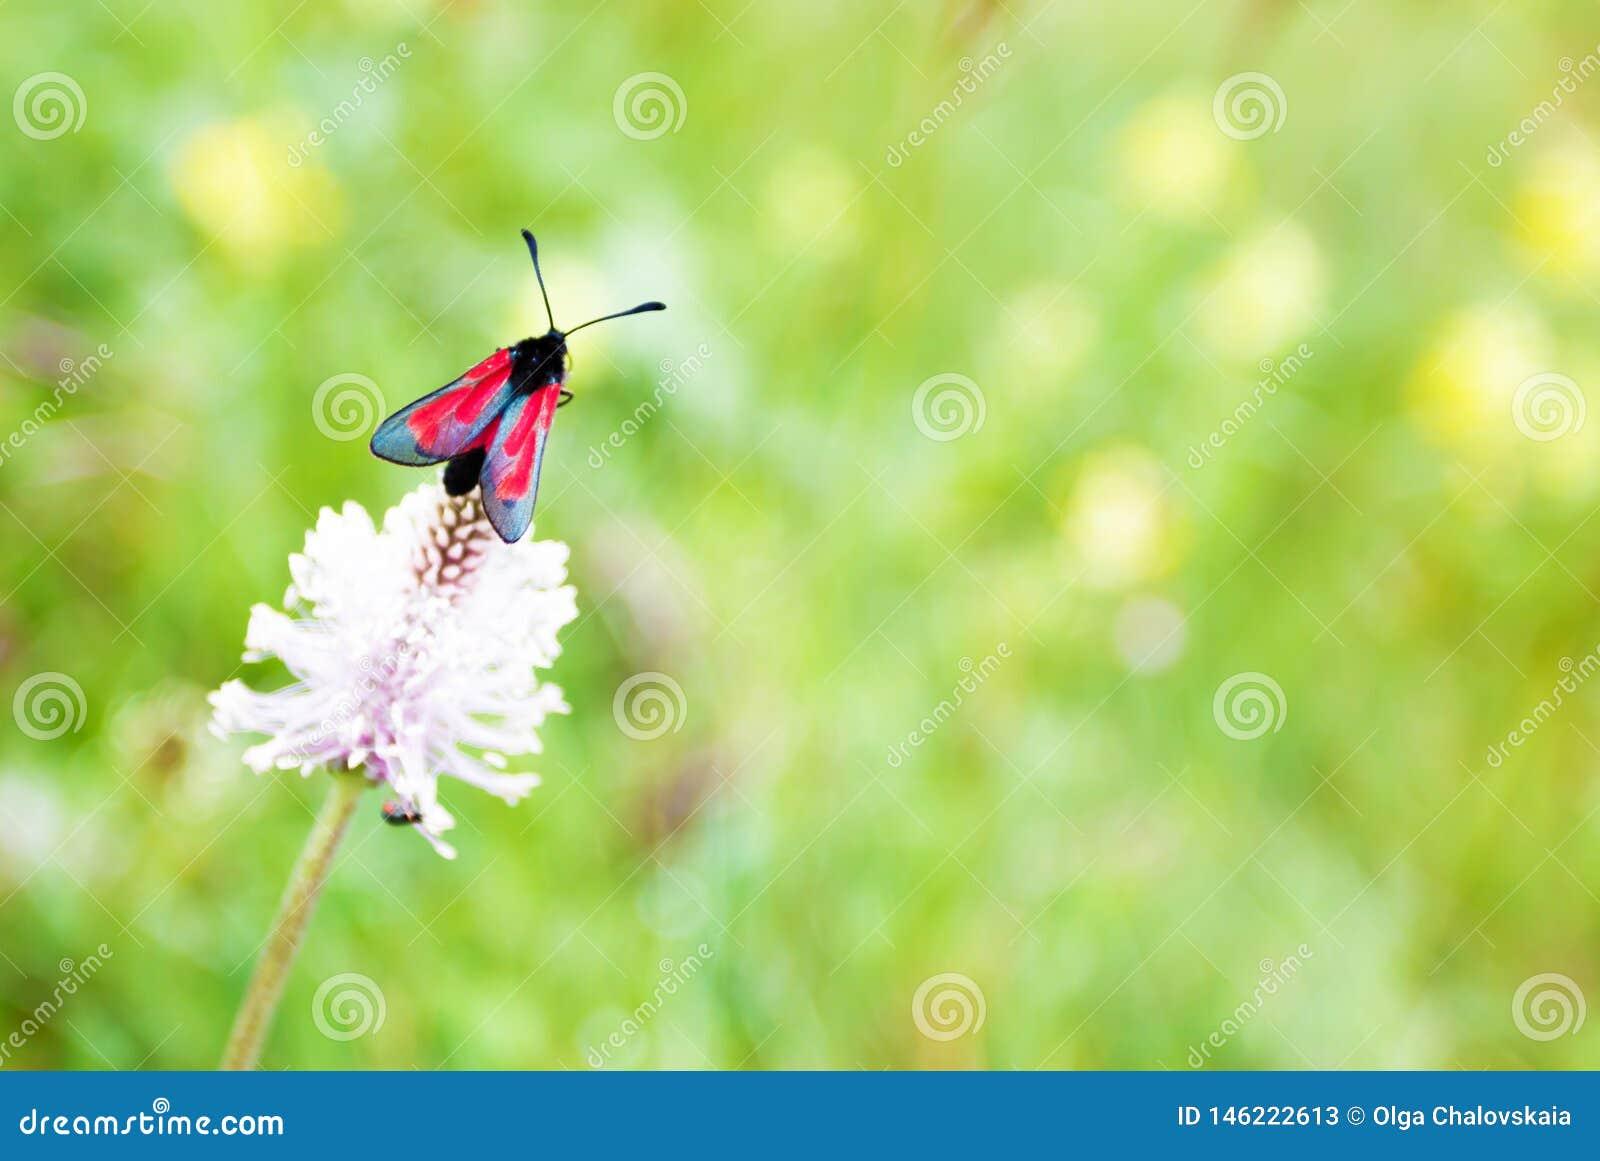 Czerwony motyl na koniczynie, makro- fotografia